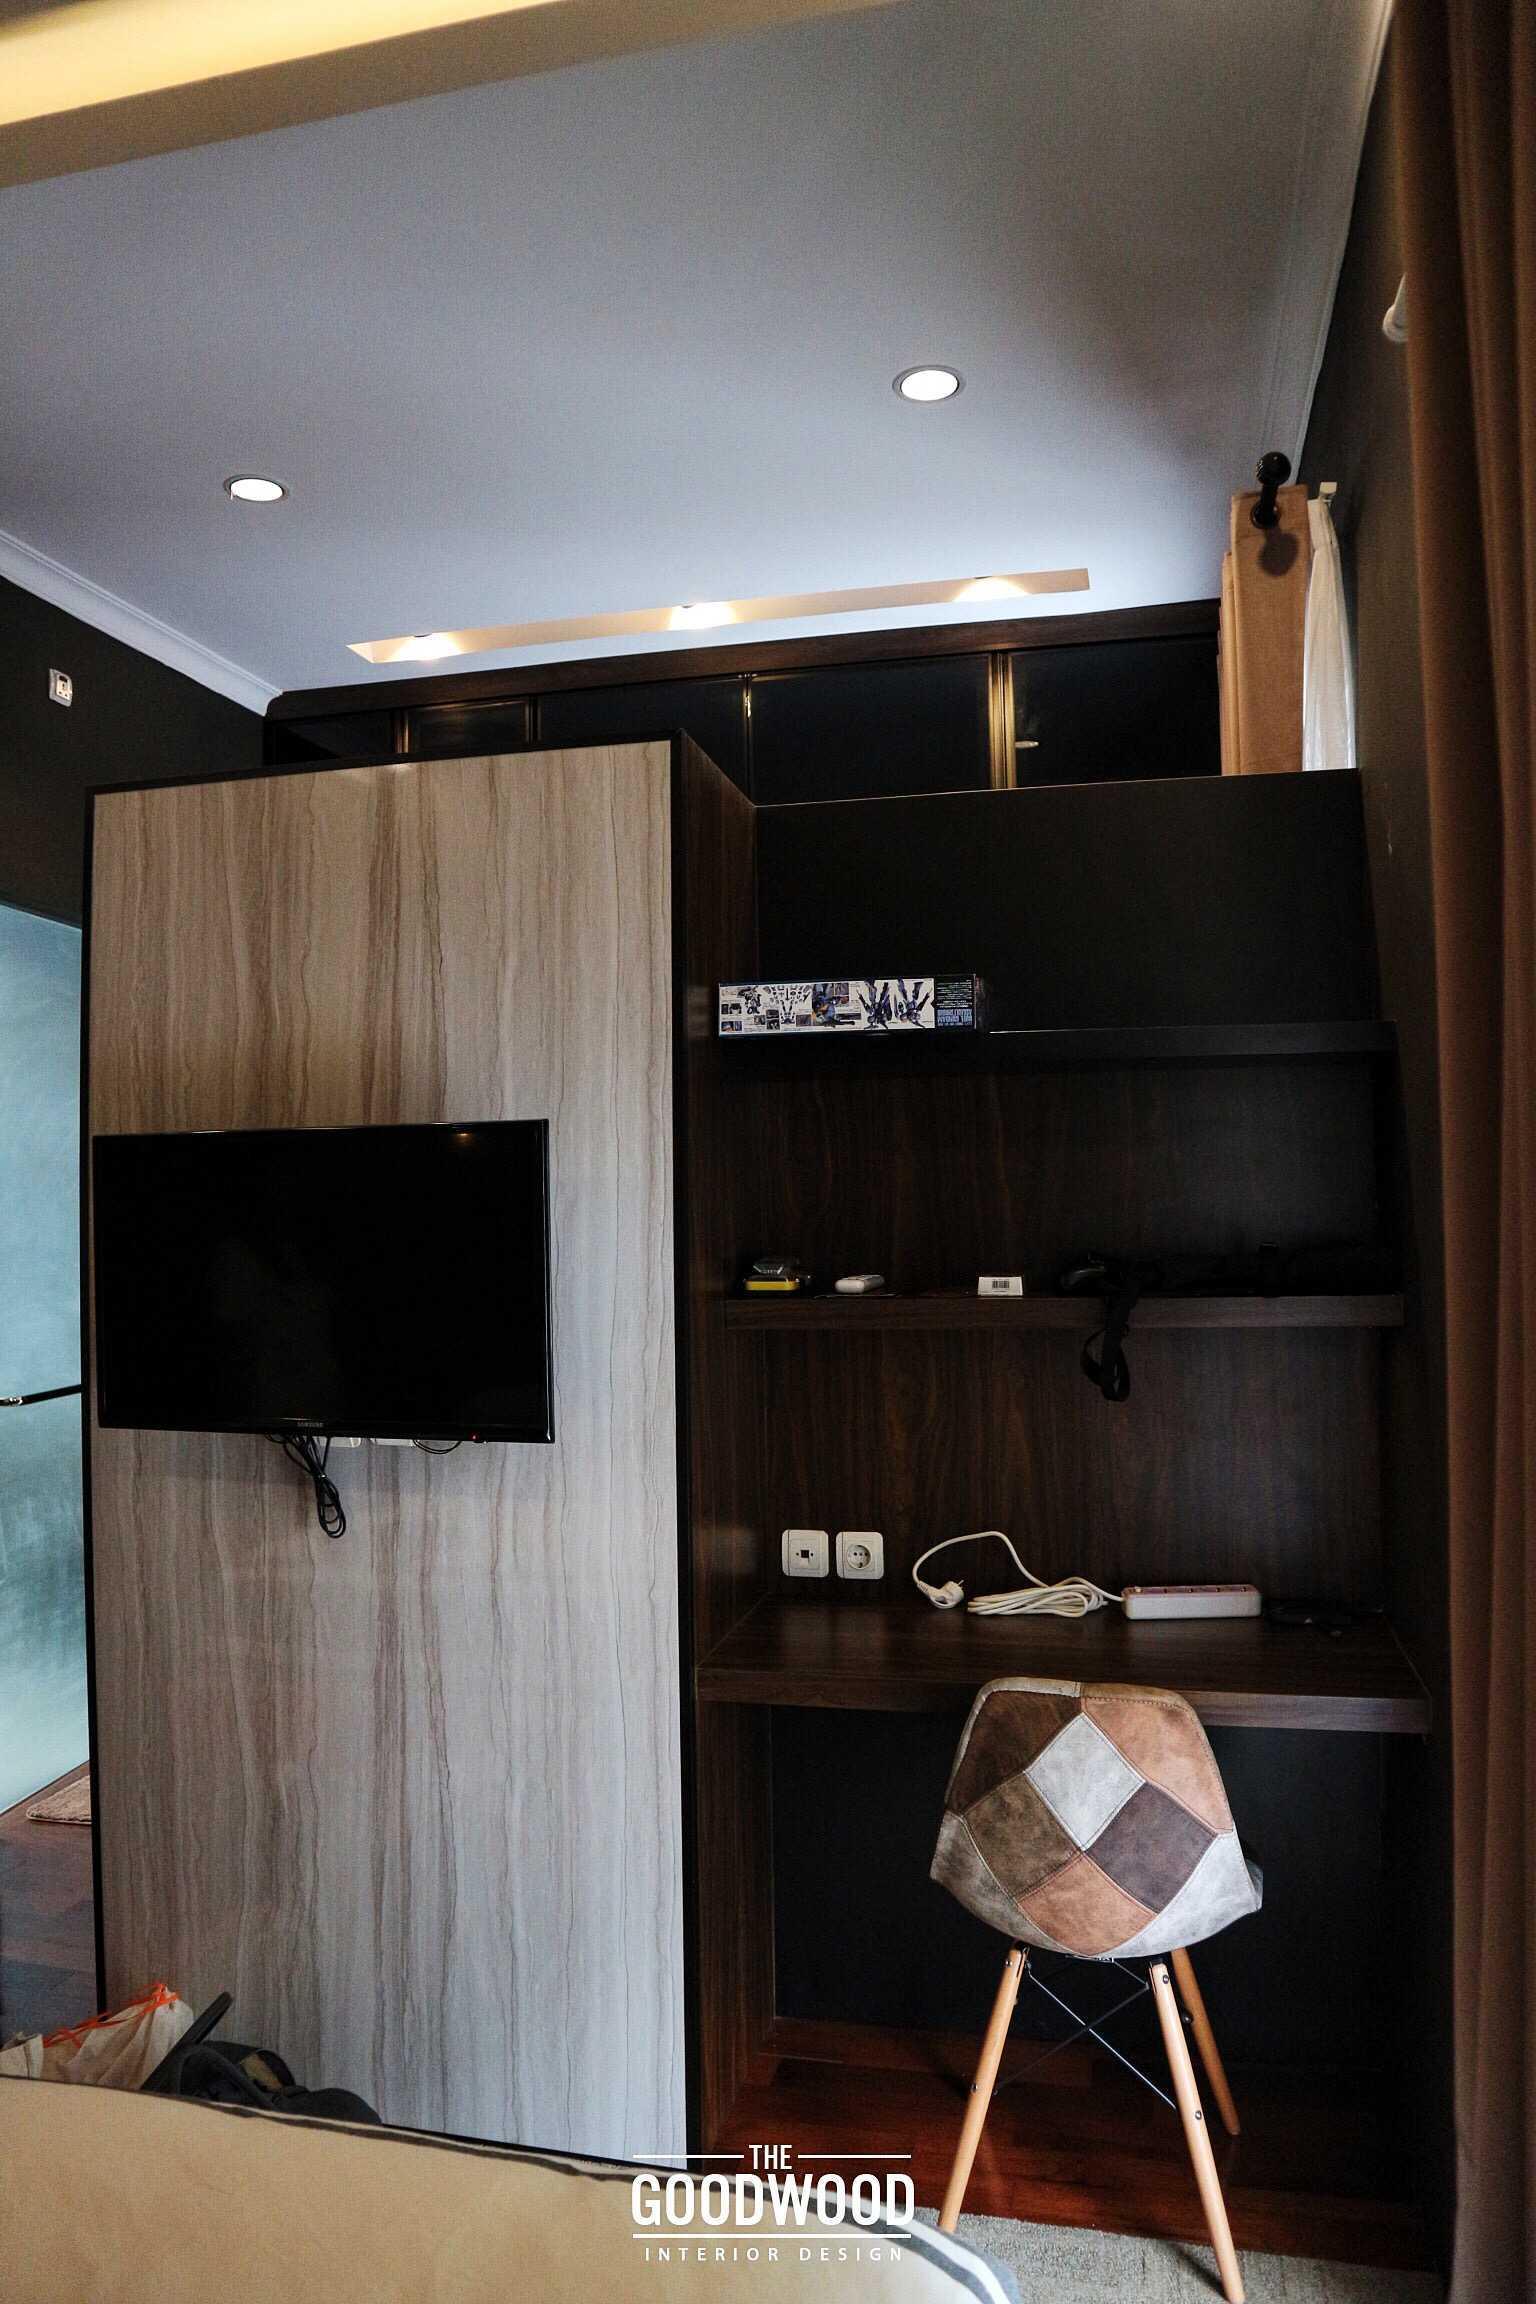 The Goodwood Interior Design Rumah A+S Tangerang, Kota Tangerang, Banten, Indonesia Tangerang, Kota Tangerang, Banten, Indonesia S15147077 Kontemporer,modern  36189